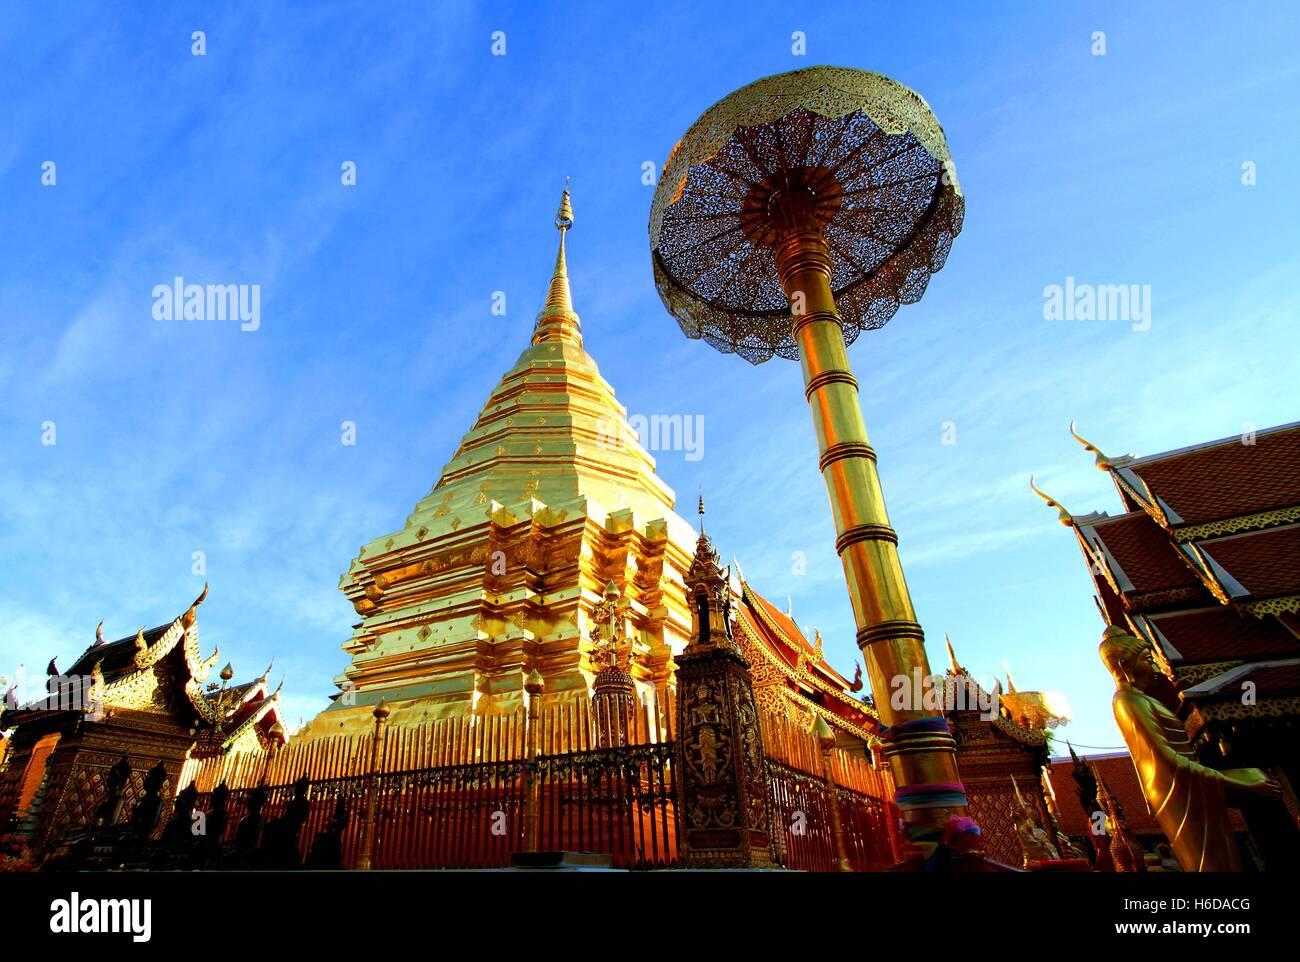 Stupa dorato di Wat Phra That Doi Suthep, attrazione turistica e il famoso tempio storico di Chiang Mai, Thailandia. Foto Stock